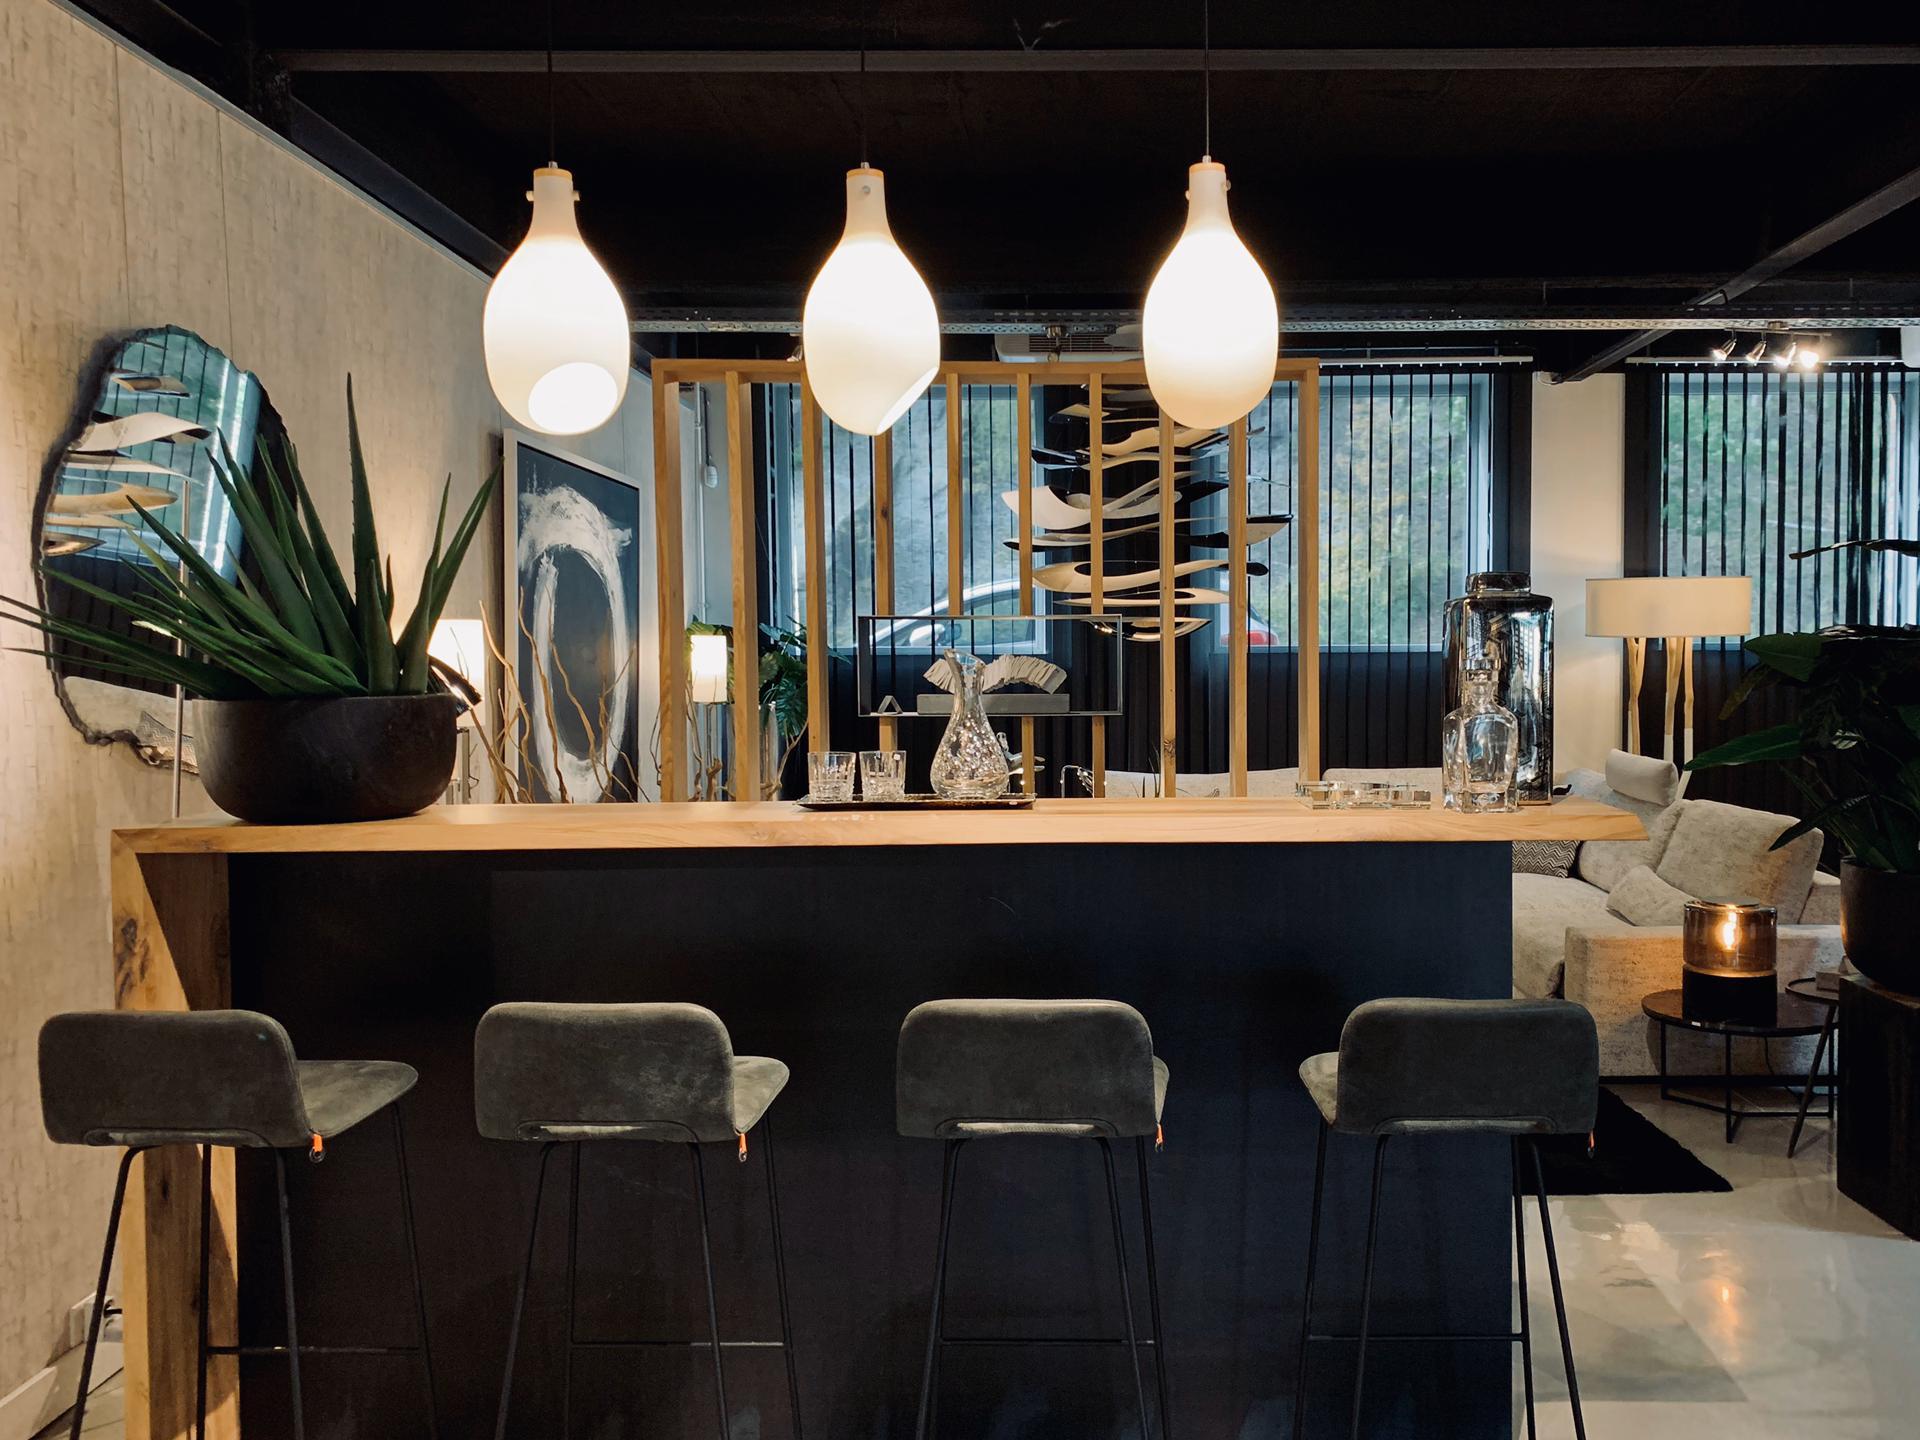 magasin de décoration verviers, lampe moderne, luxe haut-de-gamme, jn interiors, jour et nuit liege verviers